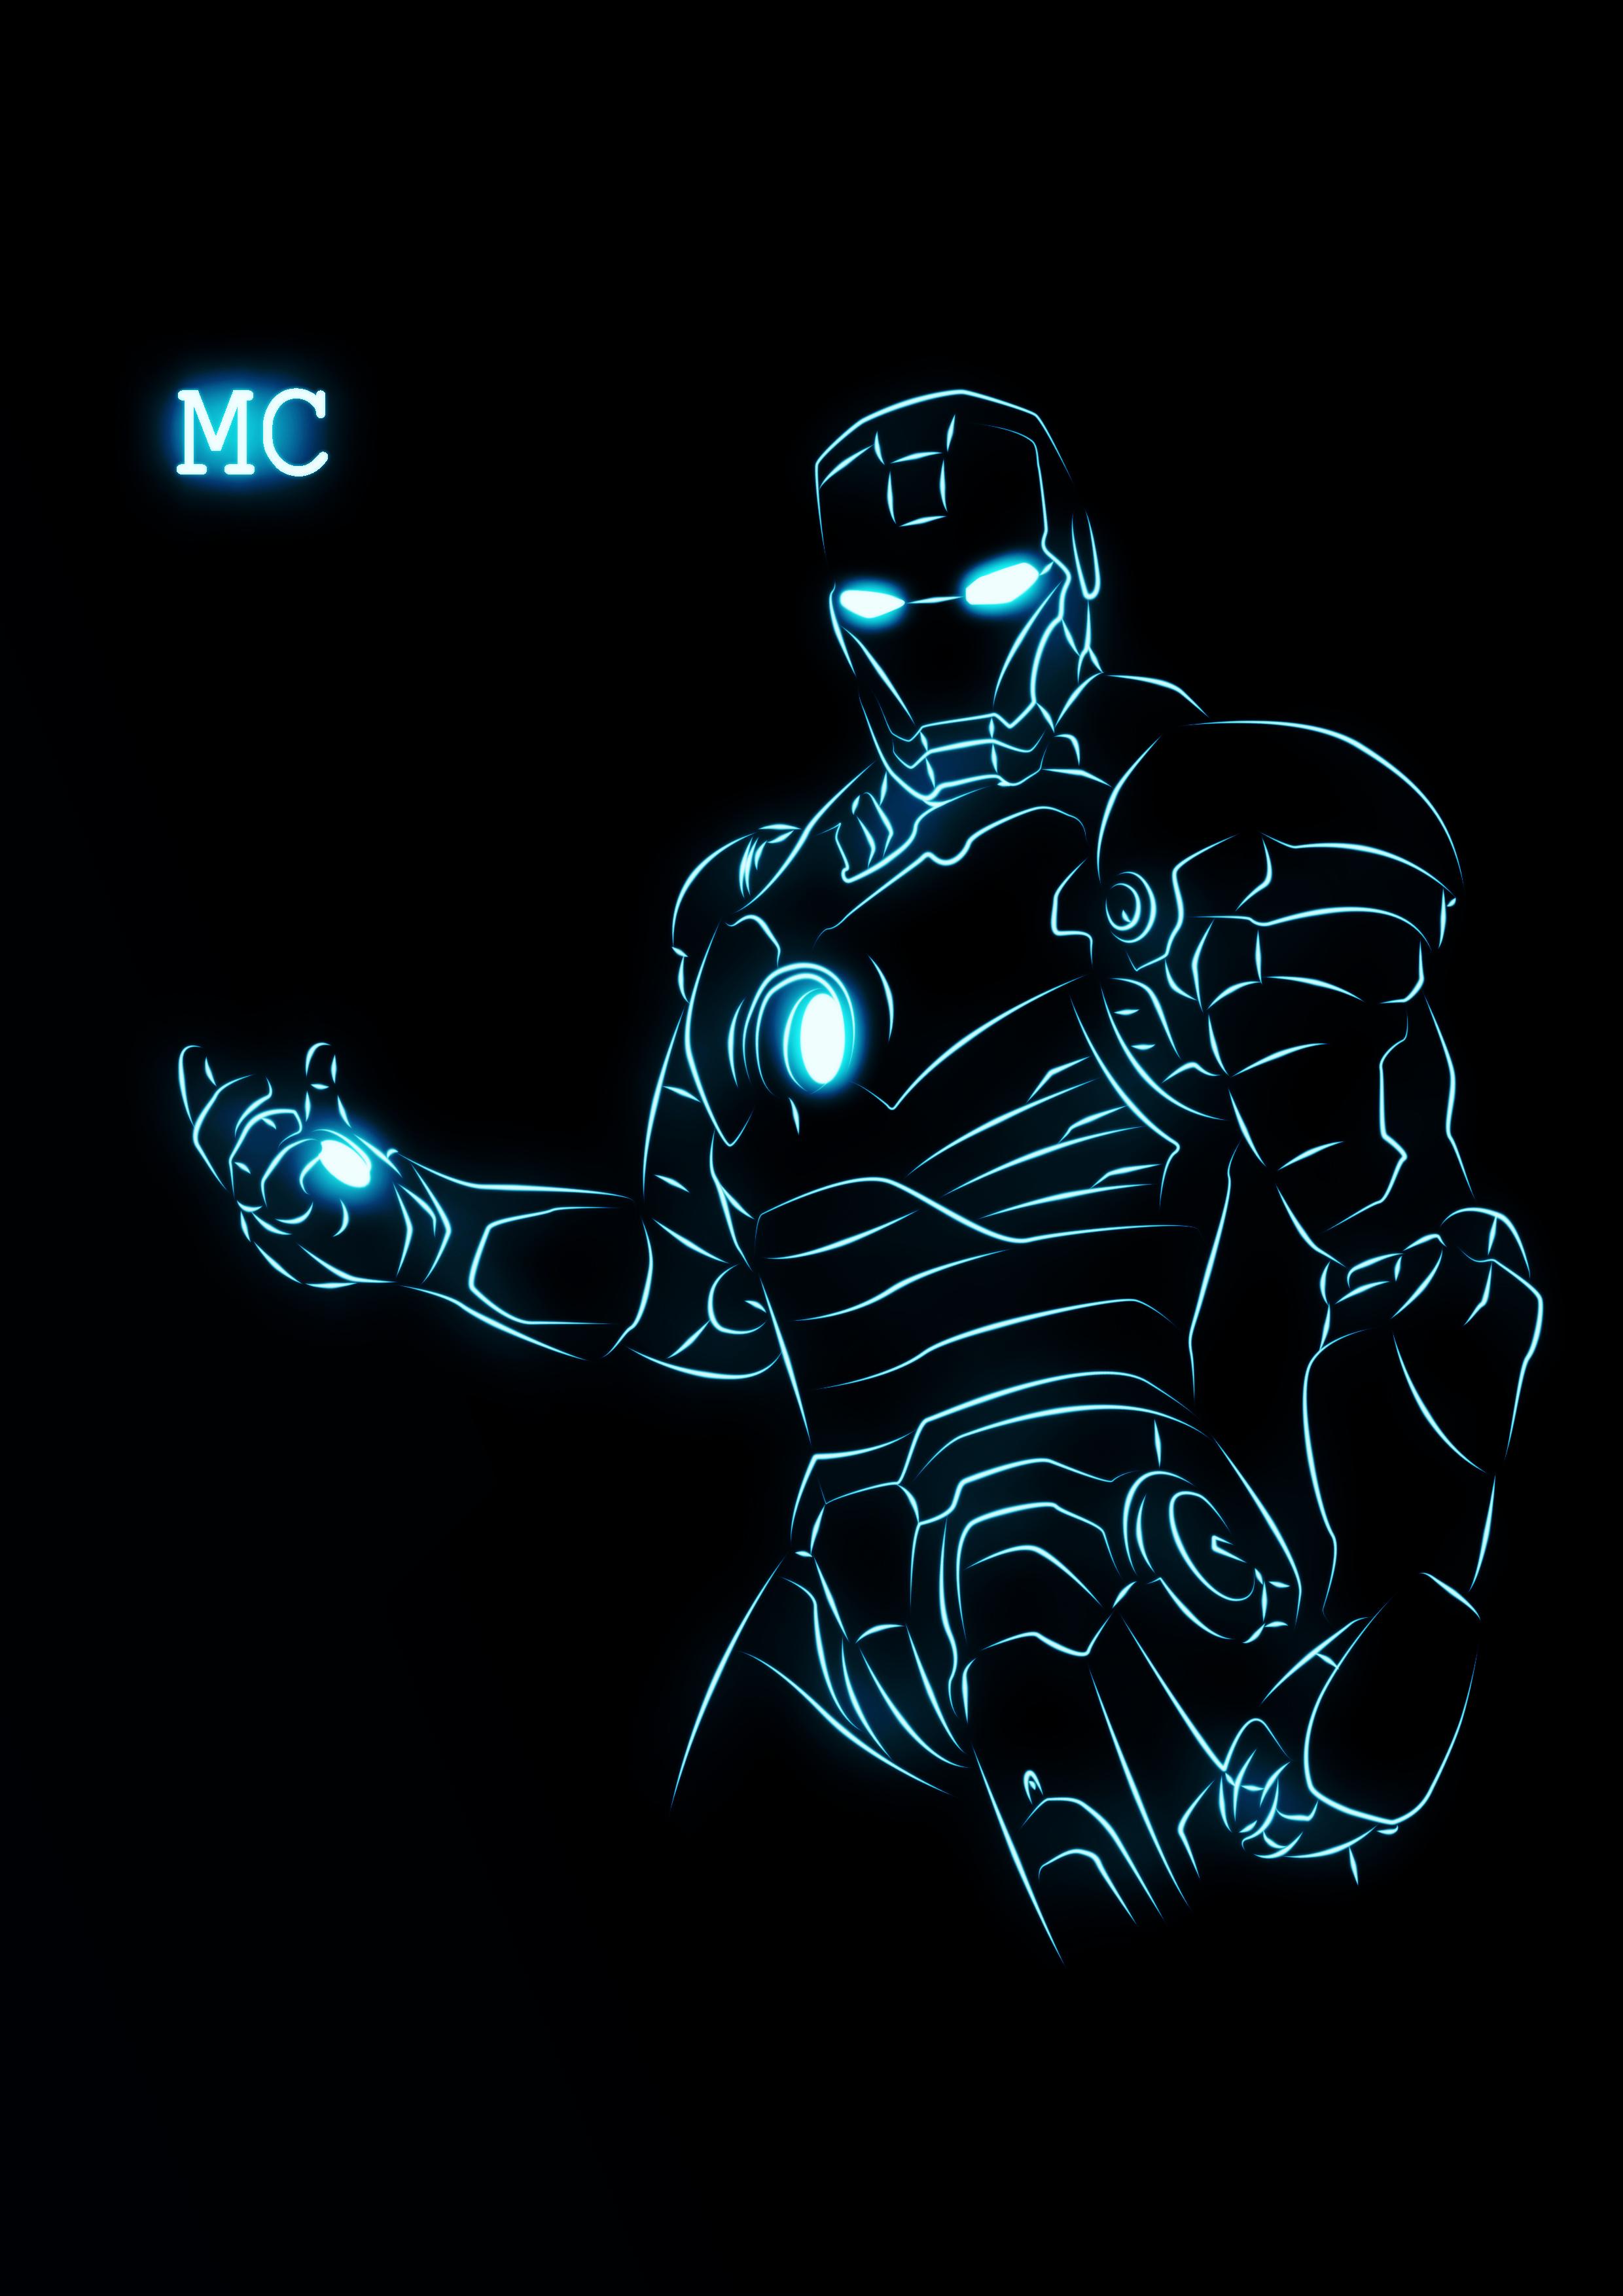 钢铁侠荧光线描效果图图片